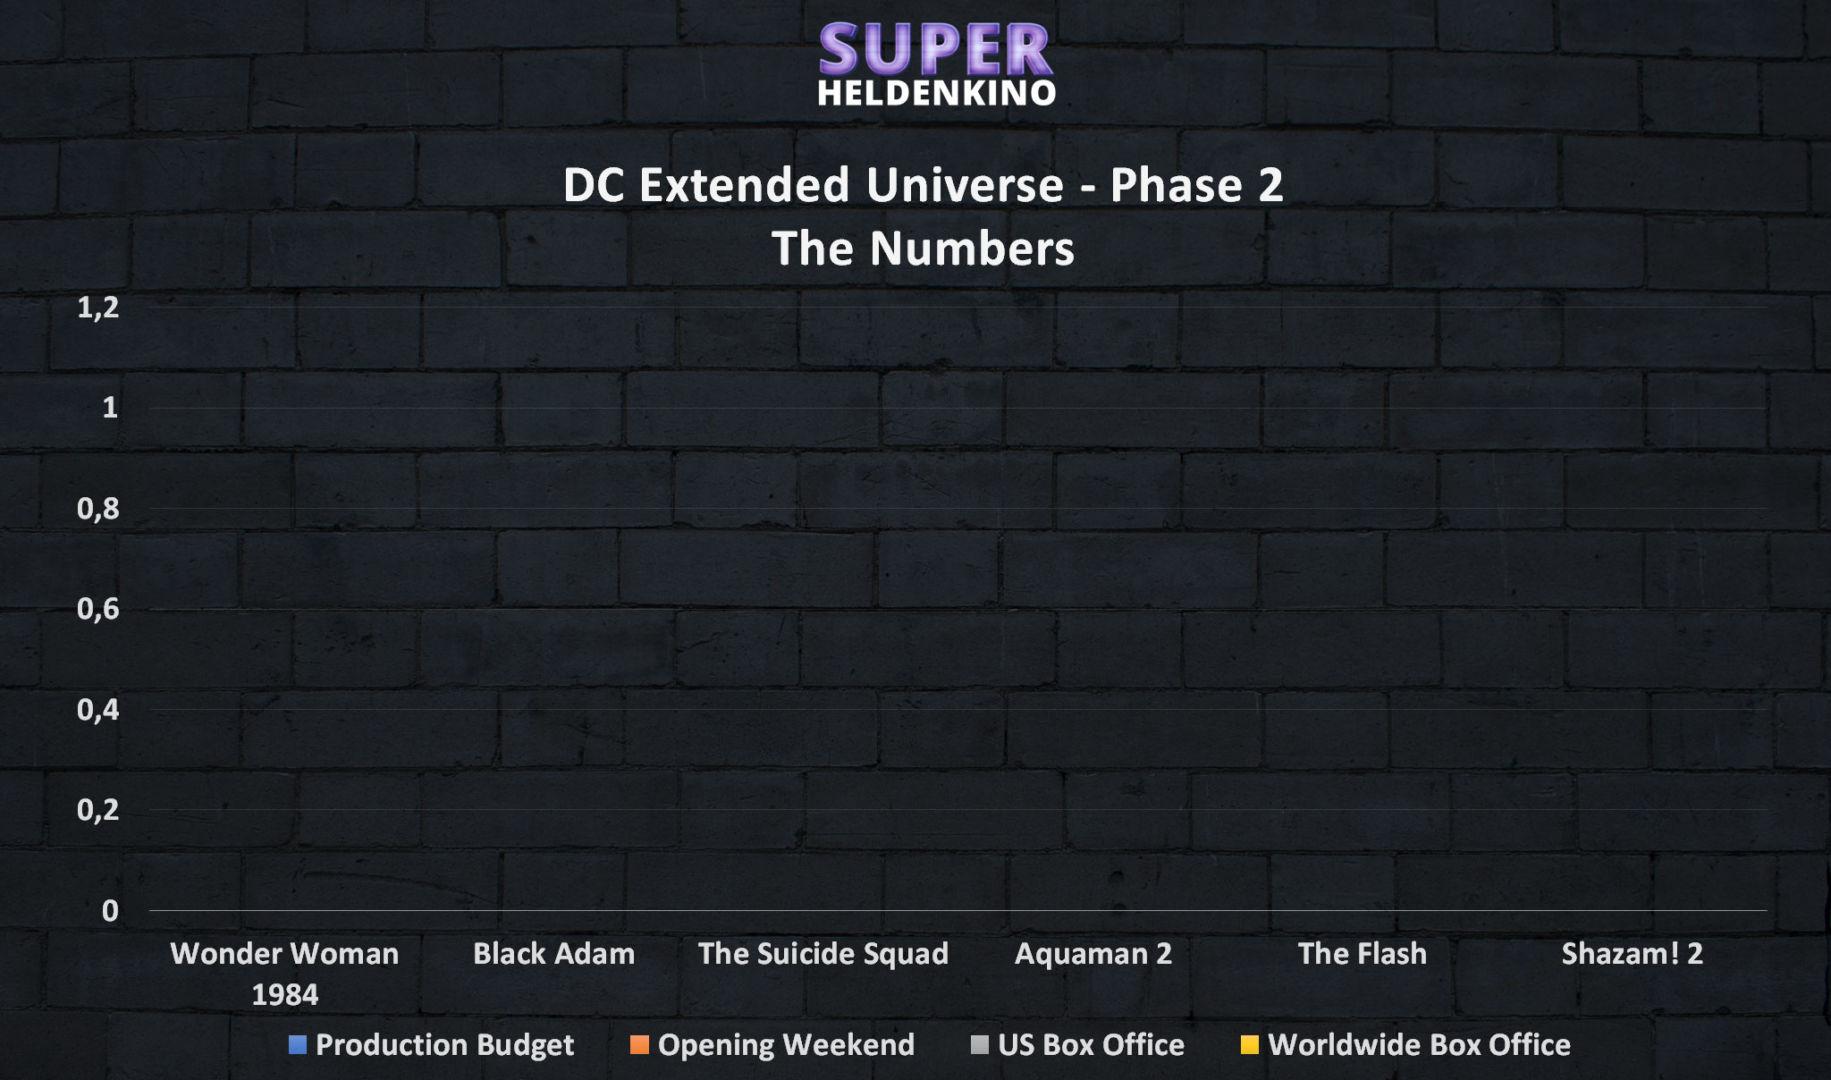 DC Extended Universe Phase 2 Info Grafik - Alle Marvel Filme der Phase 1 mit Einspielergebnissen